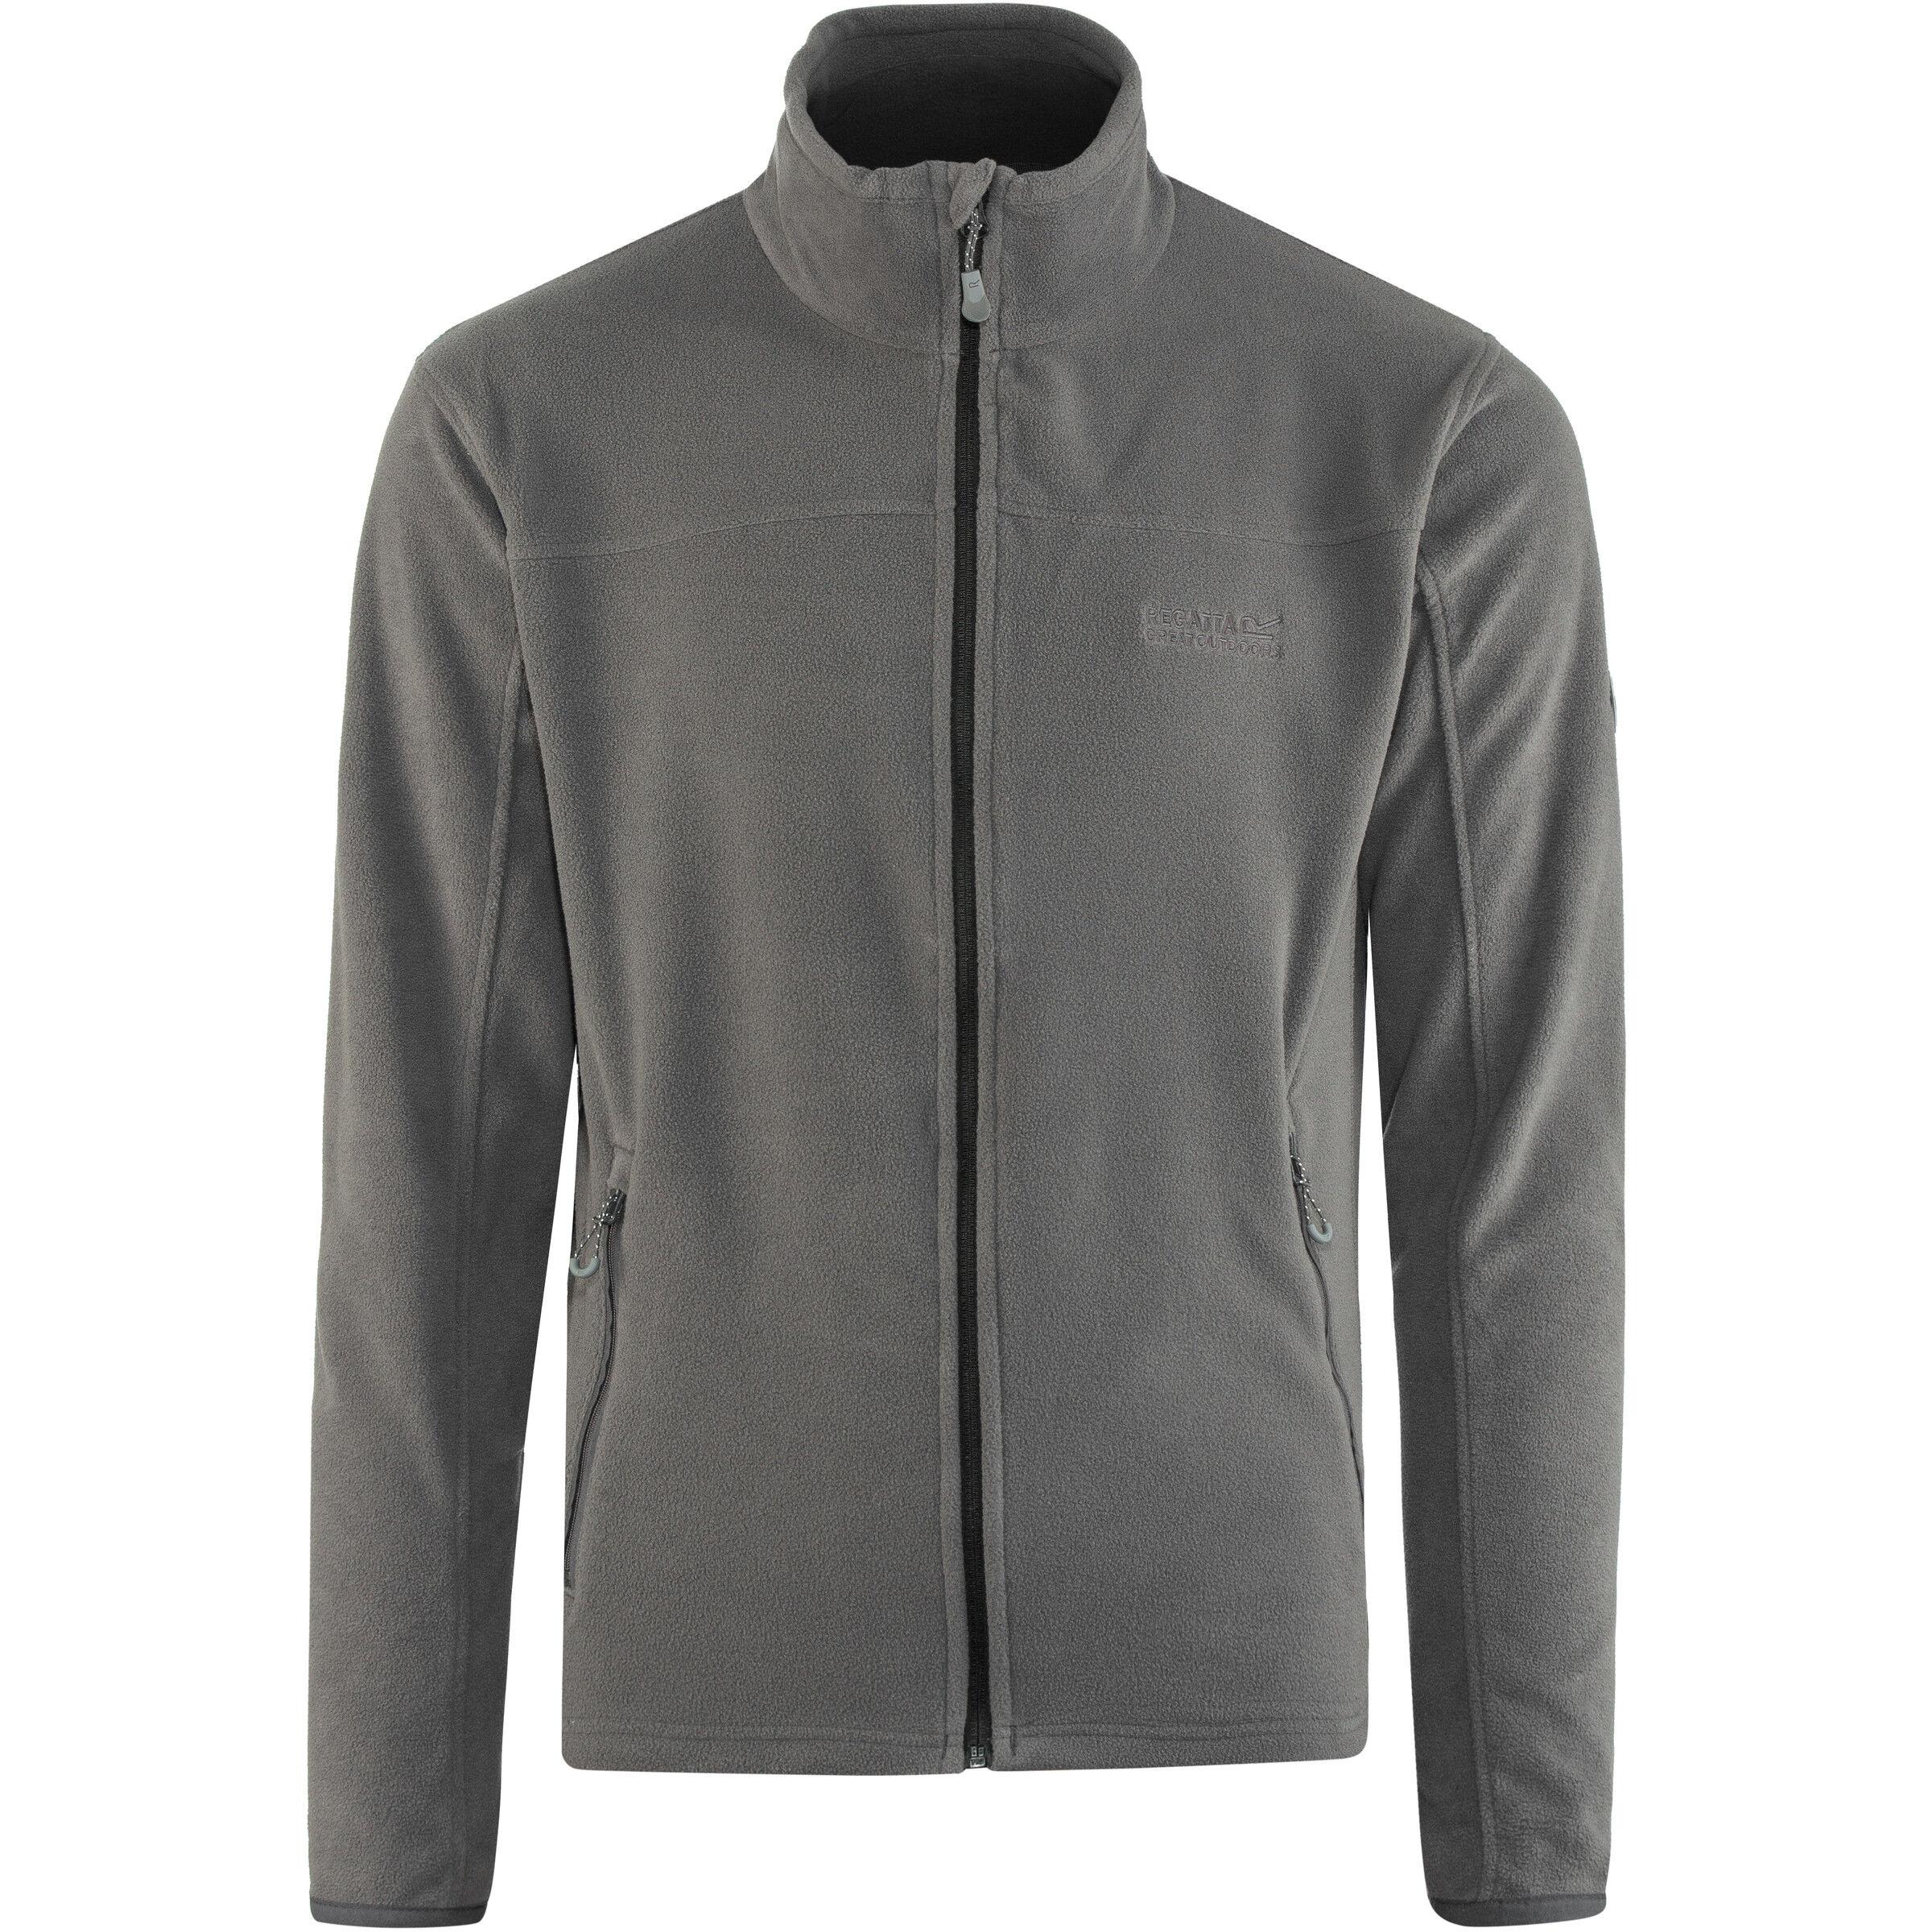 Kaufen Jacken Günstig Regatta Jacken Günstig Kaufen Regatta mN8Pnwv0yO